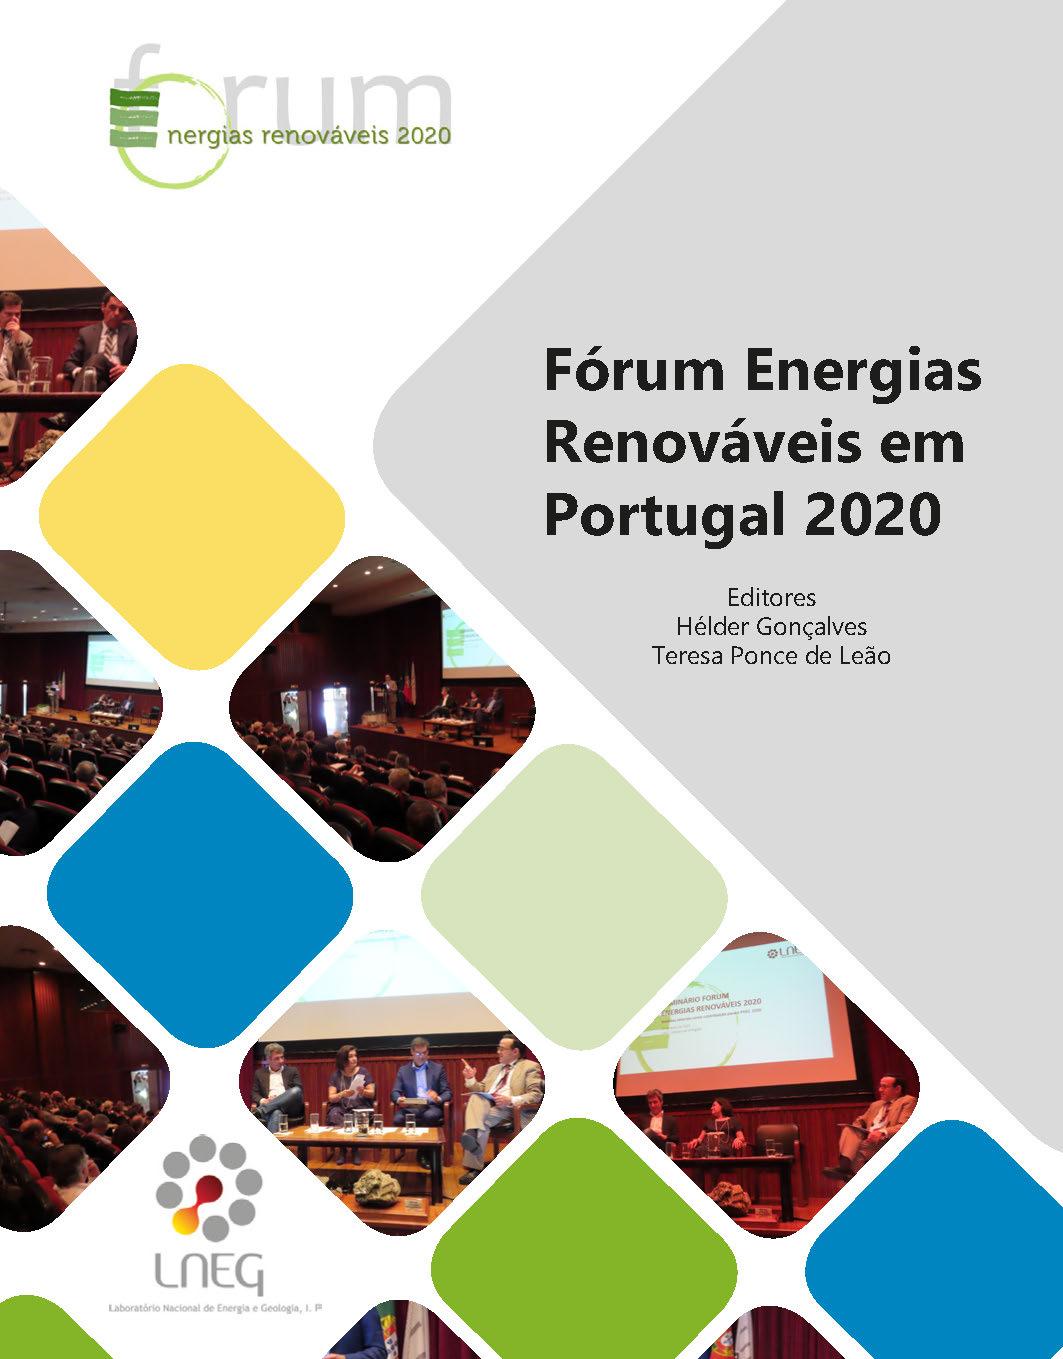 Fórum Energias Renováveis em Portugal 2020